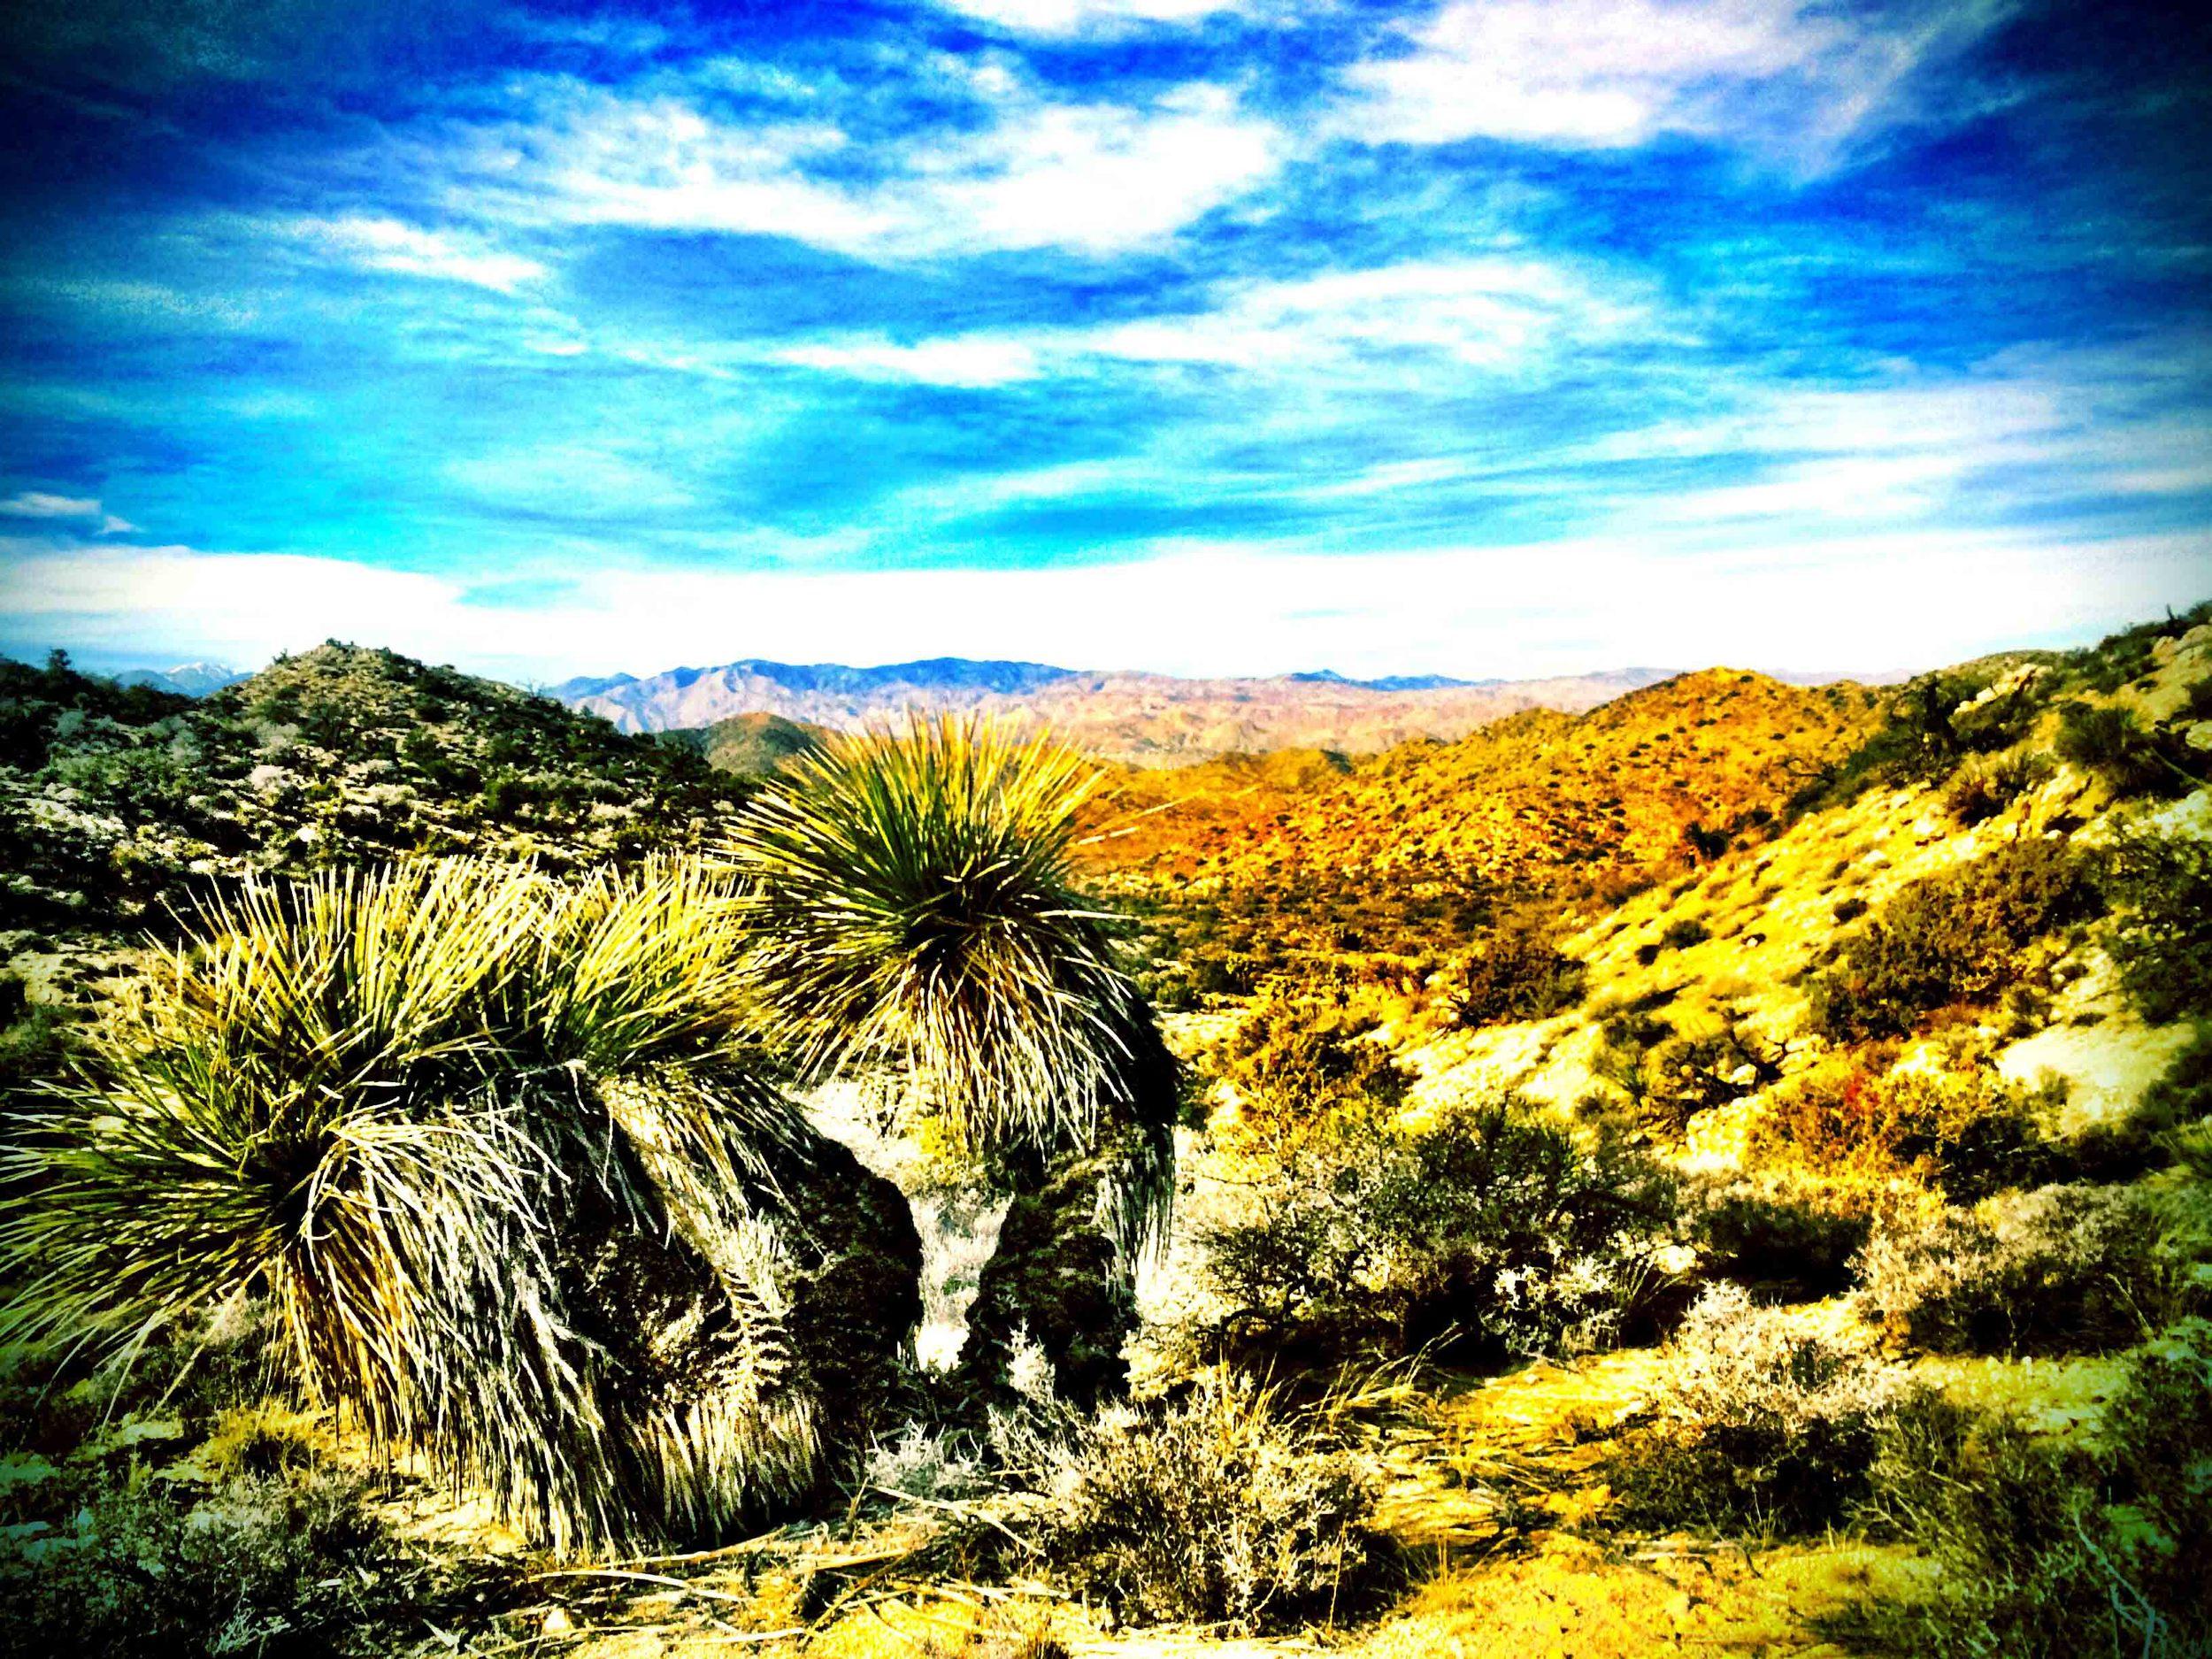 Palm Desert, California, December 2015